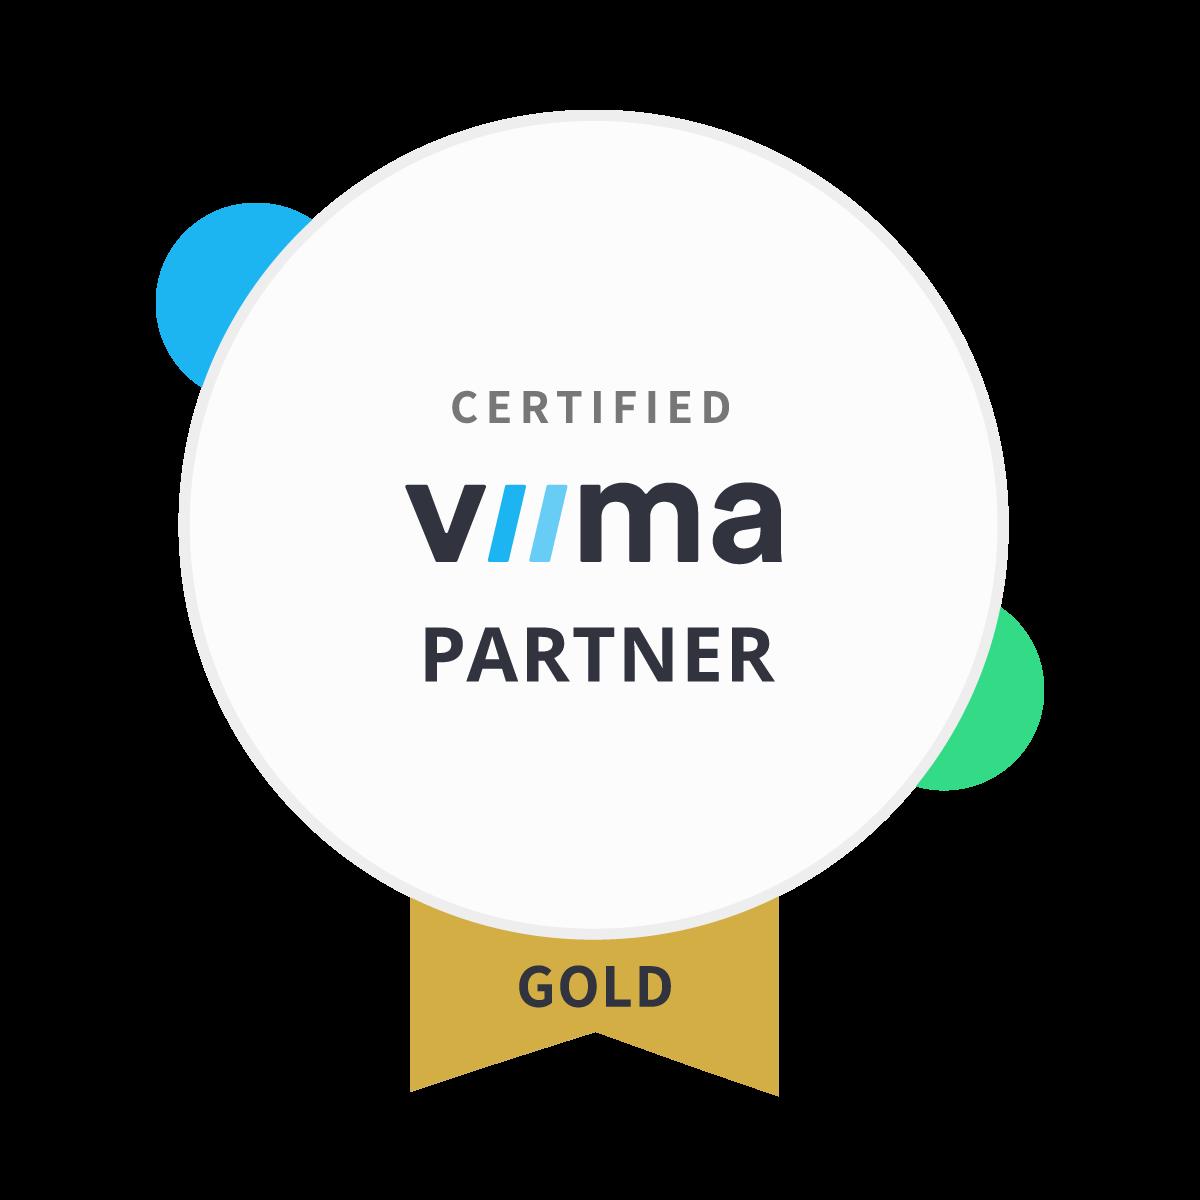 Certified Viima Gold Partner Badge